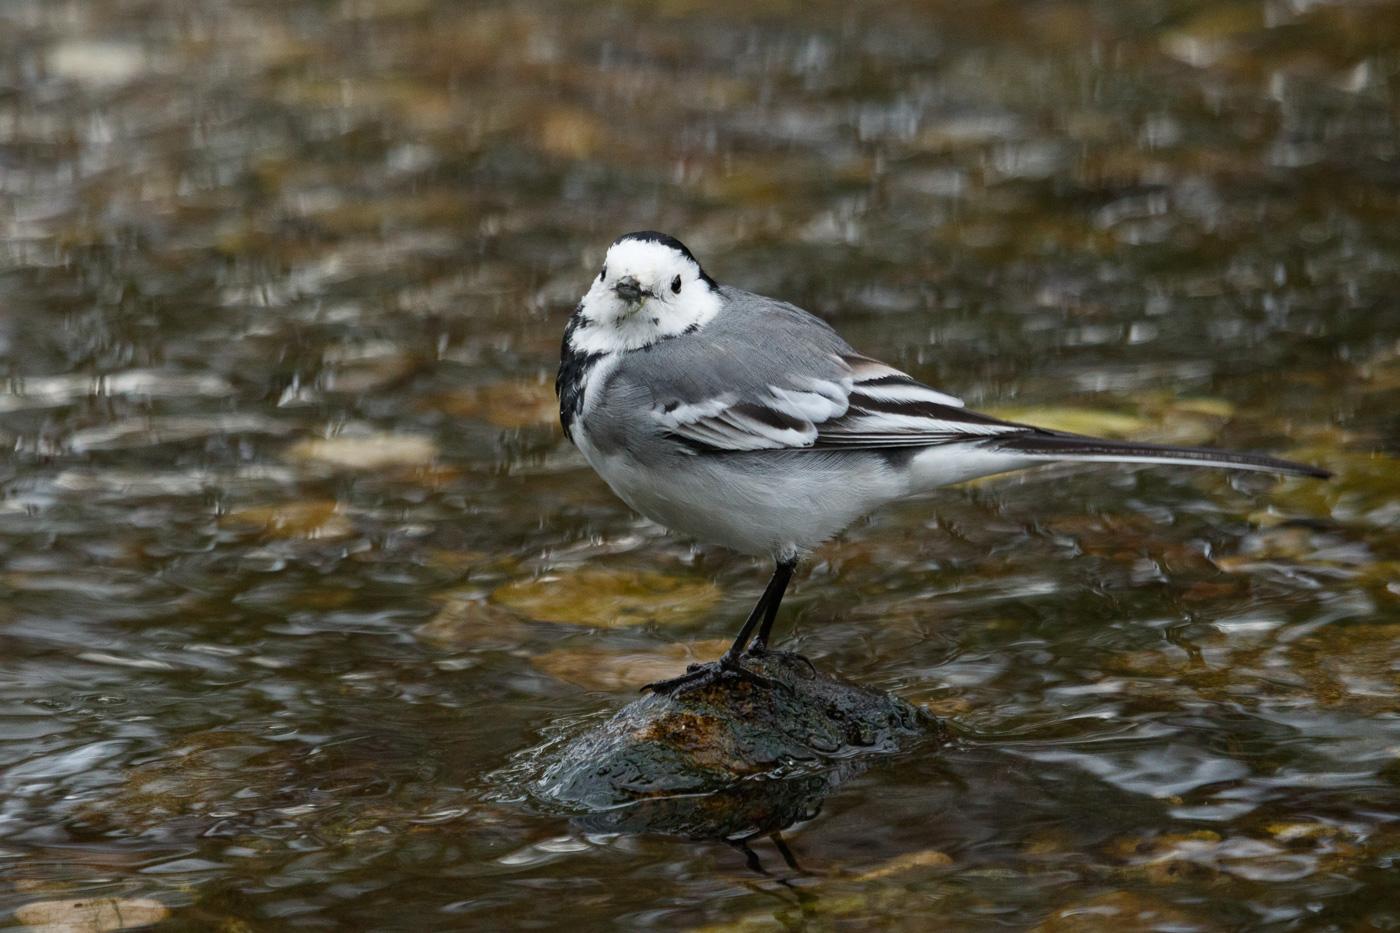 Cuereta blanca - Fauna salvatge - Raül Carmona - Fotografia, Fotografia d'estudi, esdeveniments i Natura